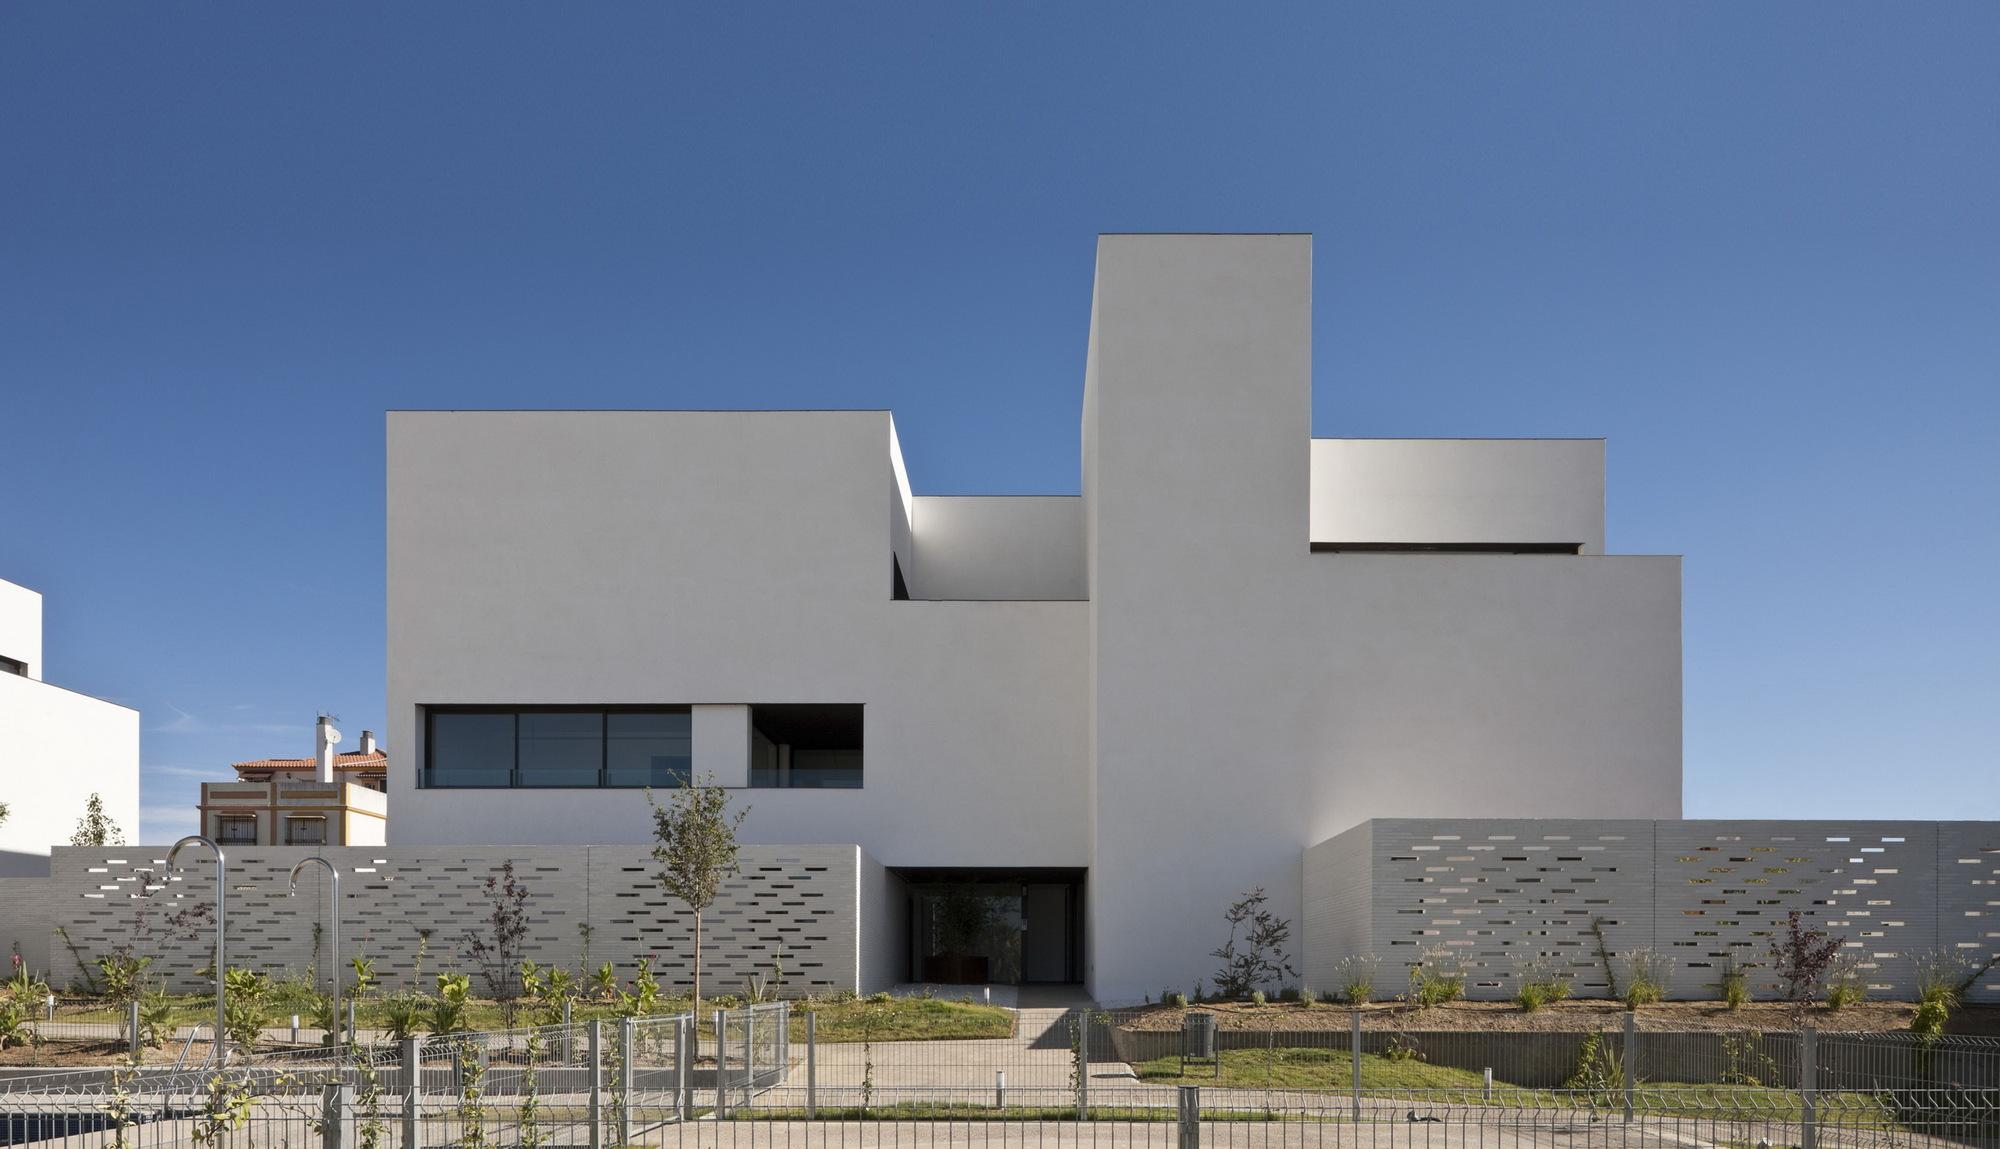 36 residential units eddea arquitectura y urbanismo On arquitectura y urbanismo